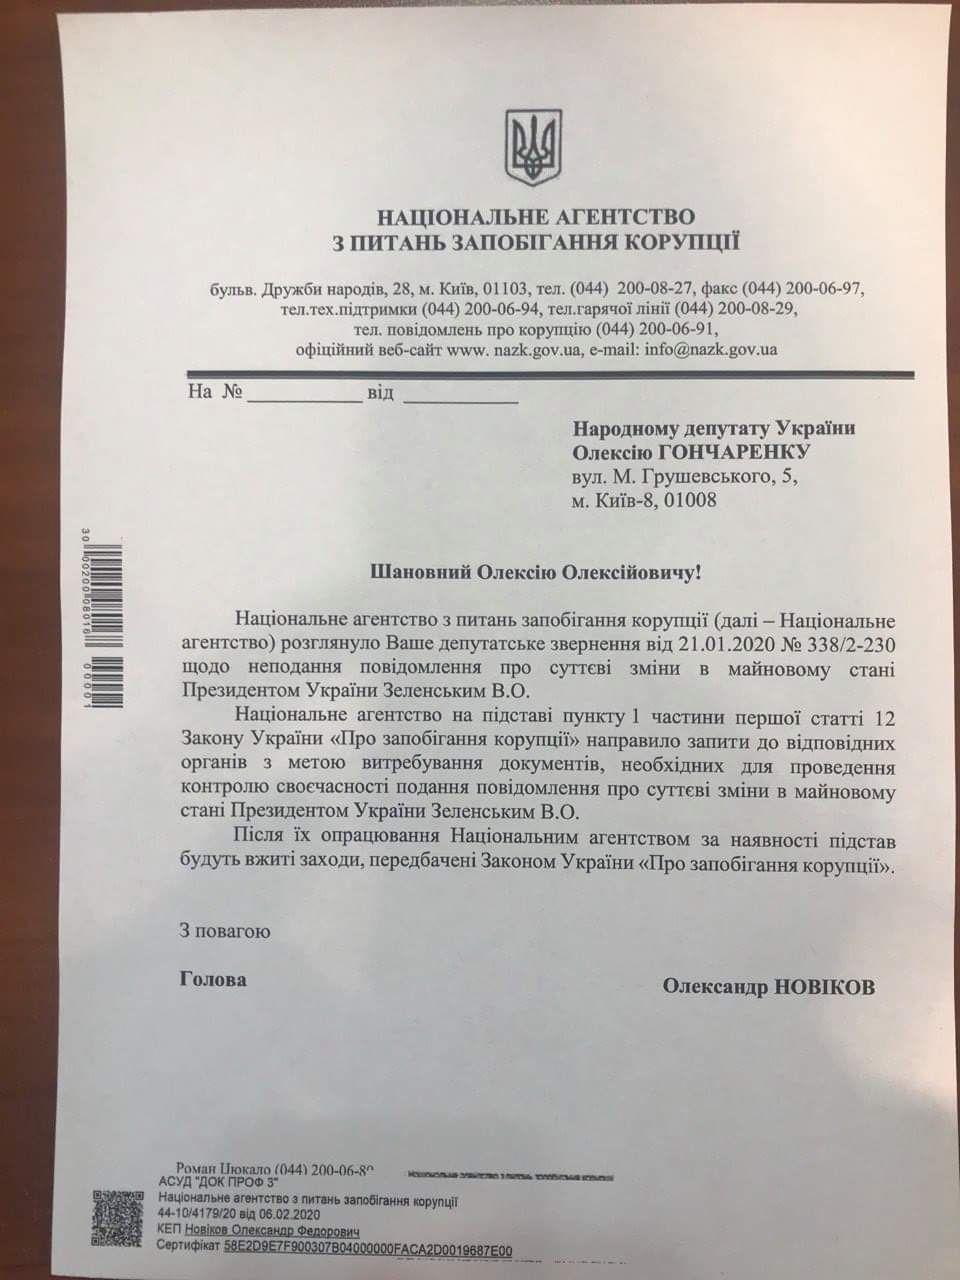 НАЗК почало з'ясовувати, чому Зеленський не задекларував свою поїздку в Оман, натисніть для перегляду документа в повному розмірі